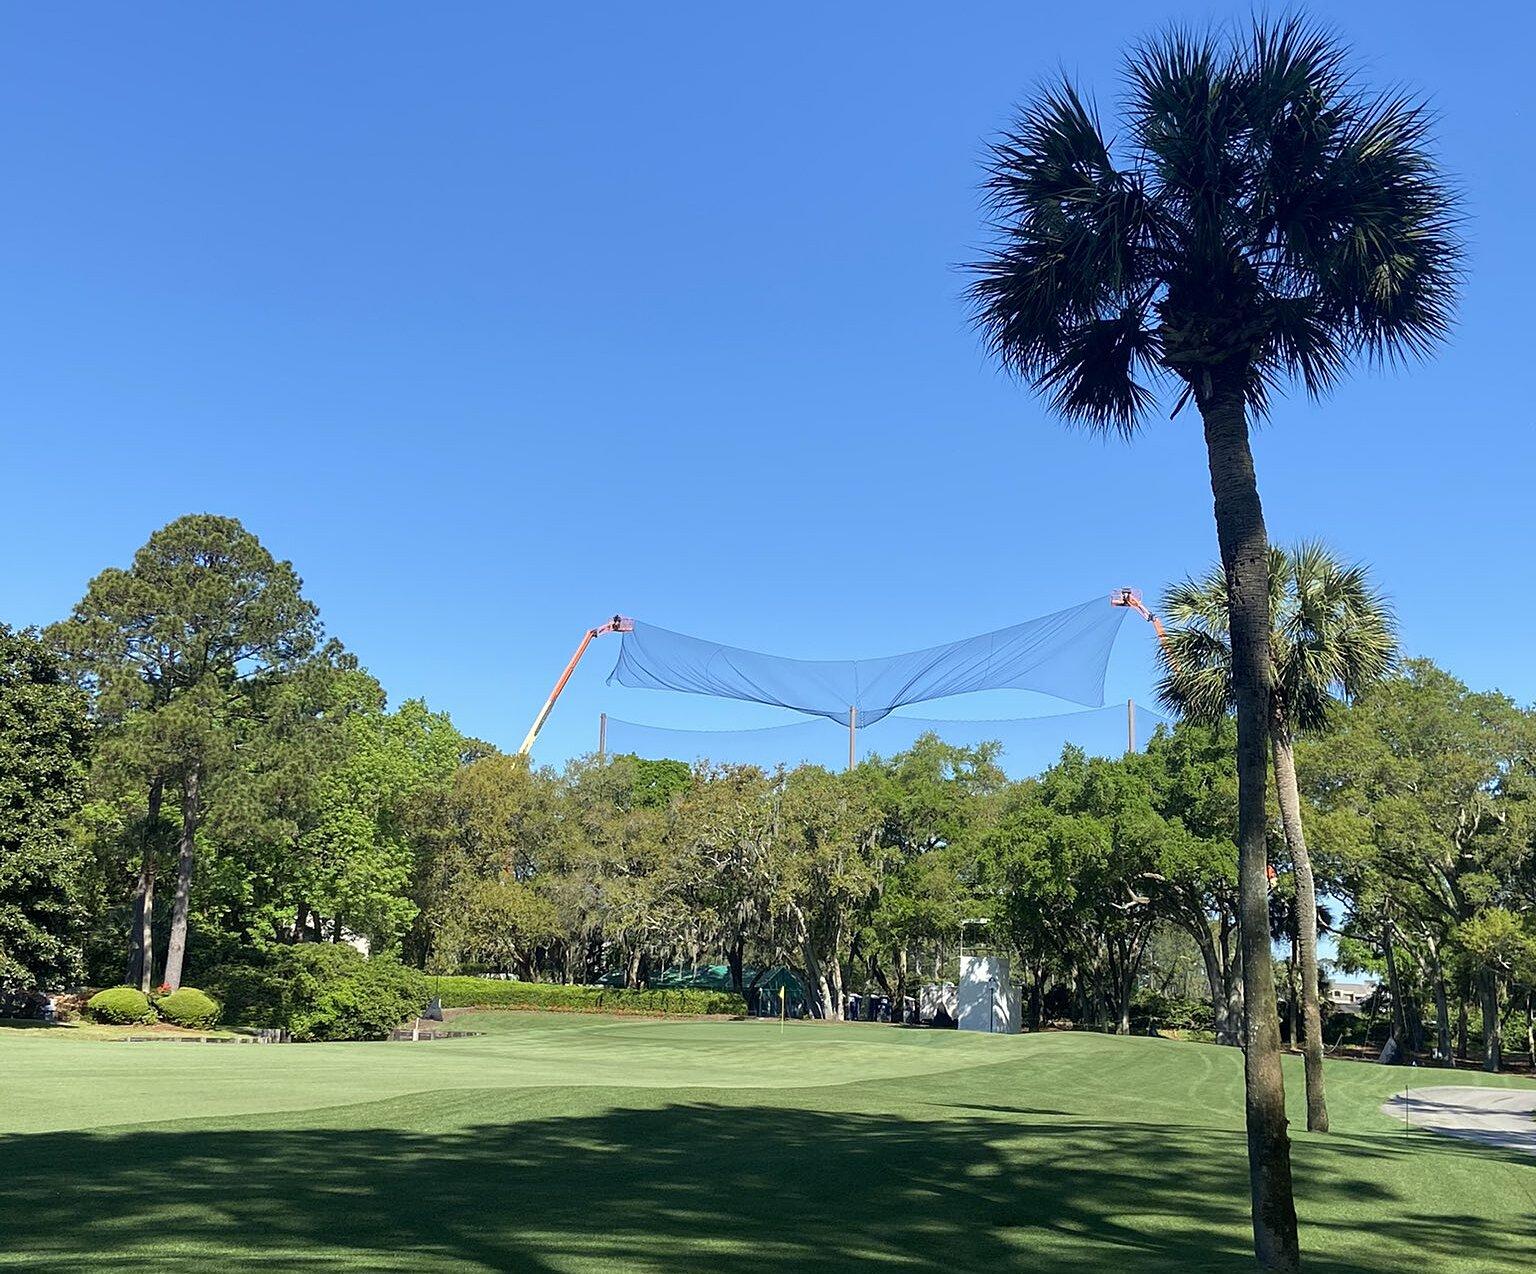 Hàng rào lưới an toàn được lắp thêm ở sân Harbour Town Golf Links, nơi đăng cai RBC Heritage tuần này. Ảnh: Twitter / imsowaivy